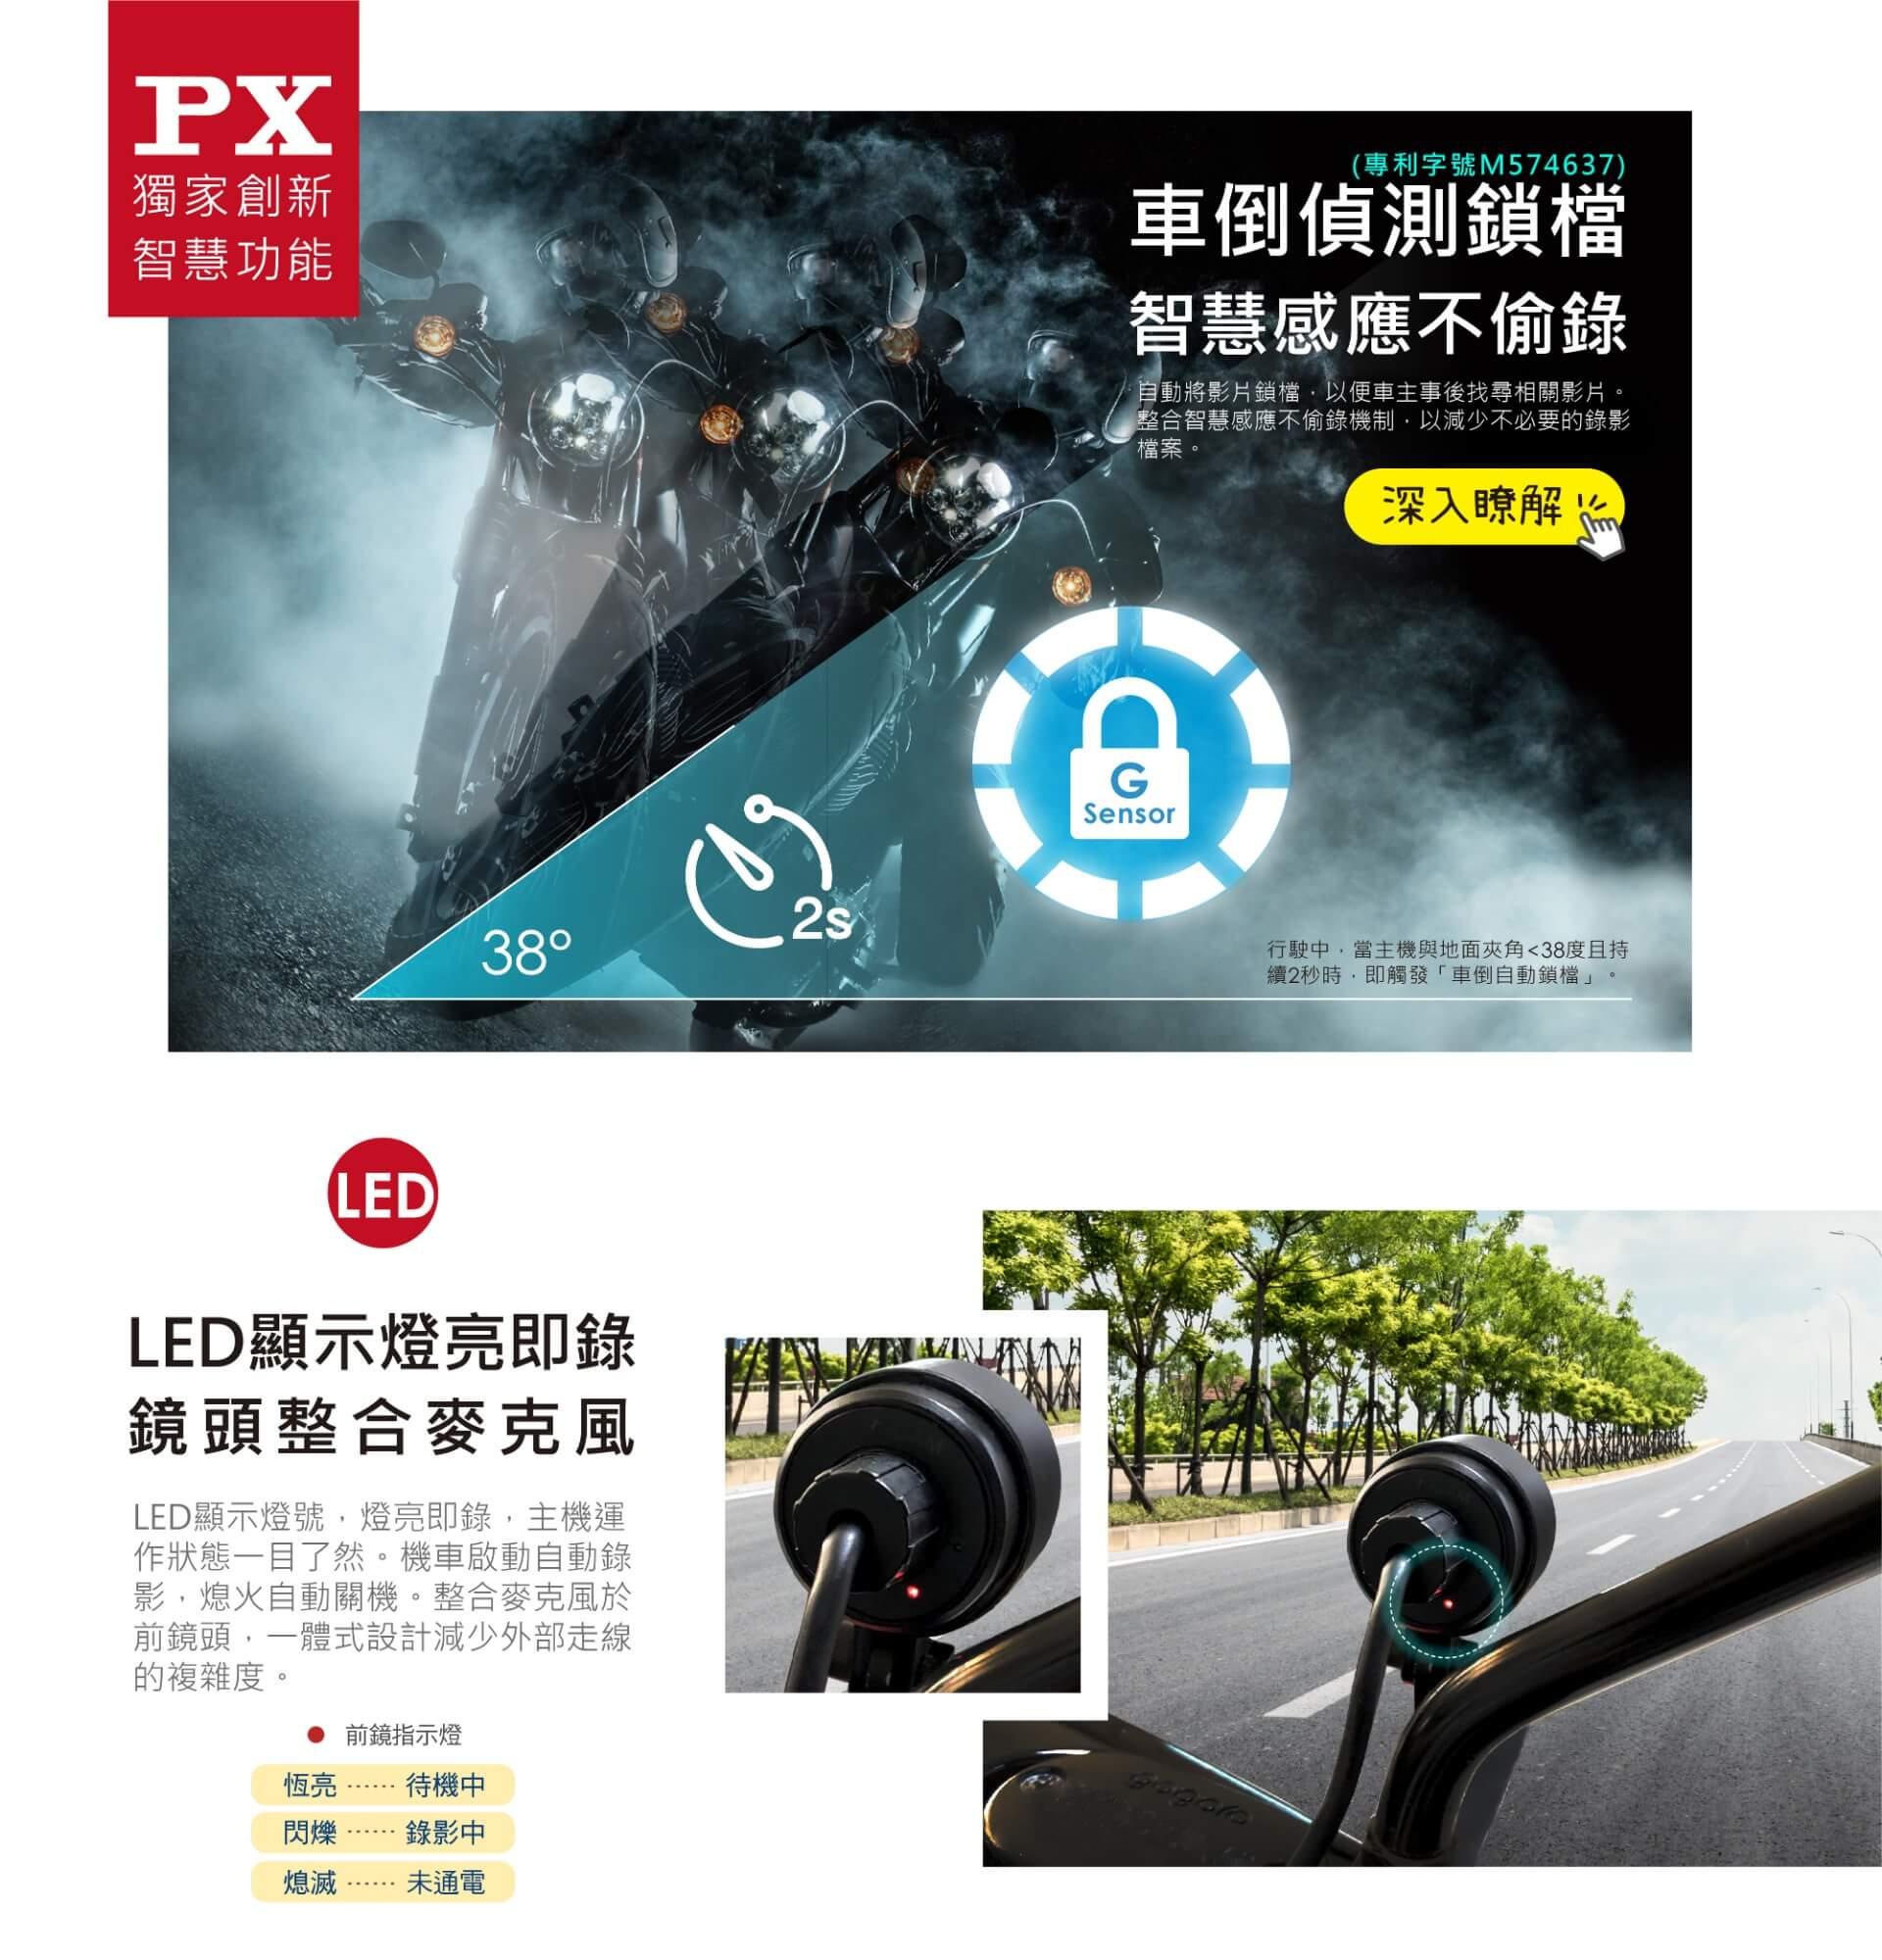 proimages/product/Bike_Cam/PX-GX/PX-GX_04_resized.jpg